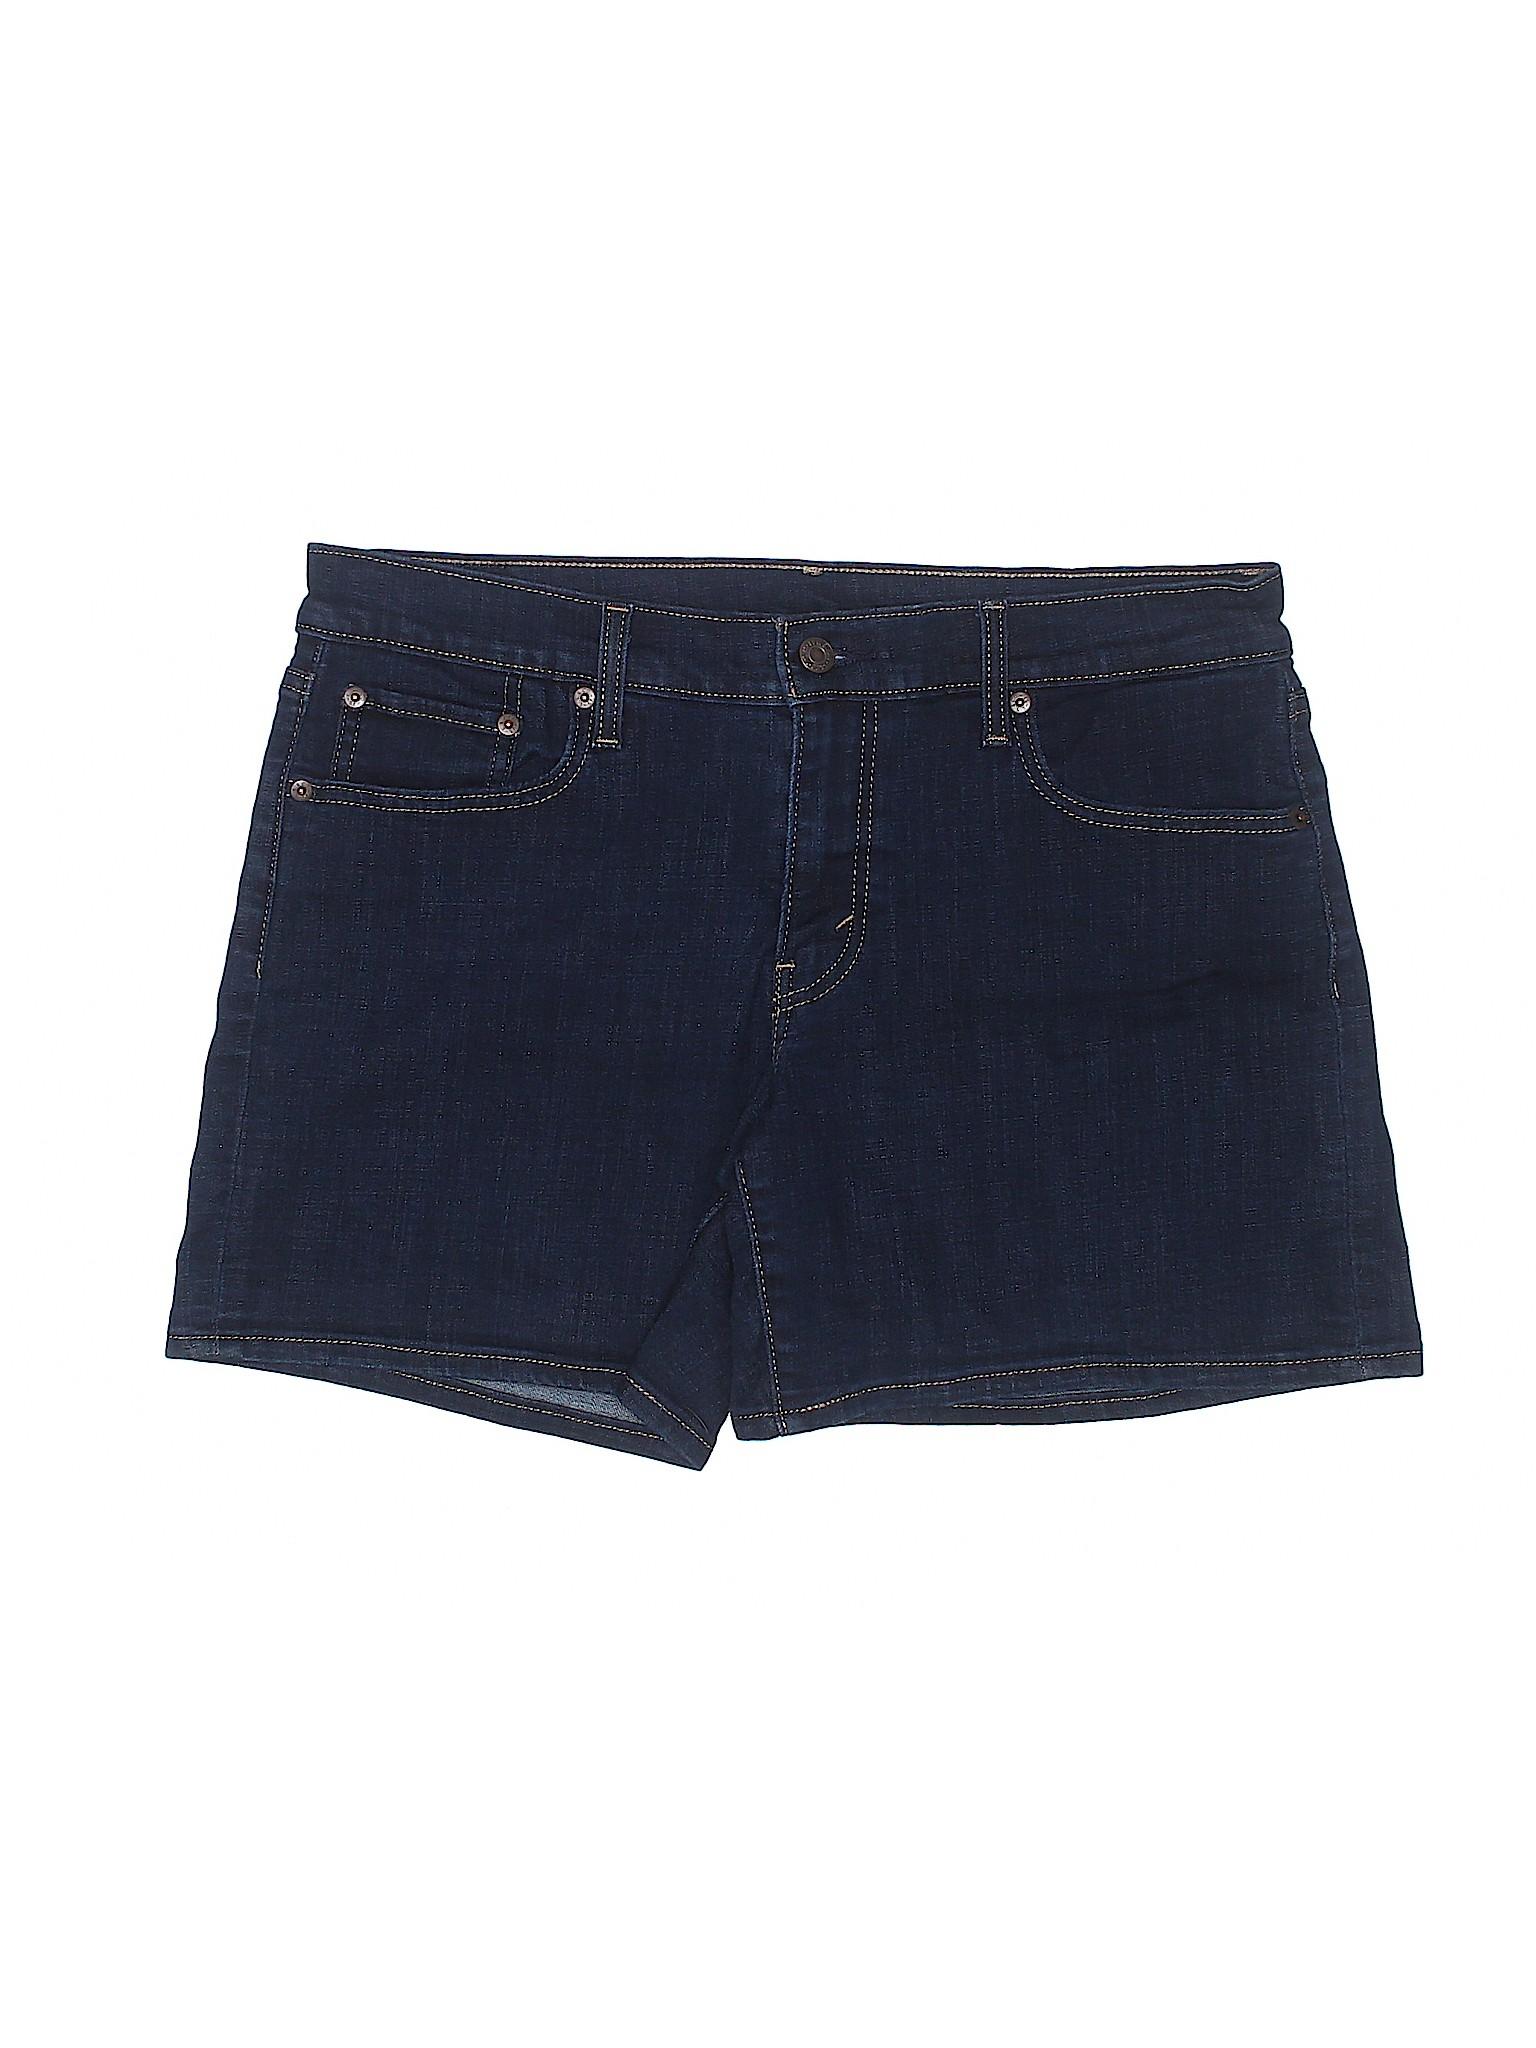 Levi's Levi's Boutique Boutique Shorts Denim Shorts Denim vxwqRI